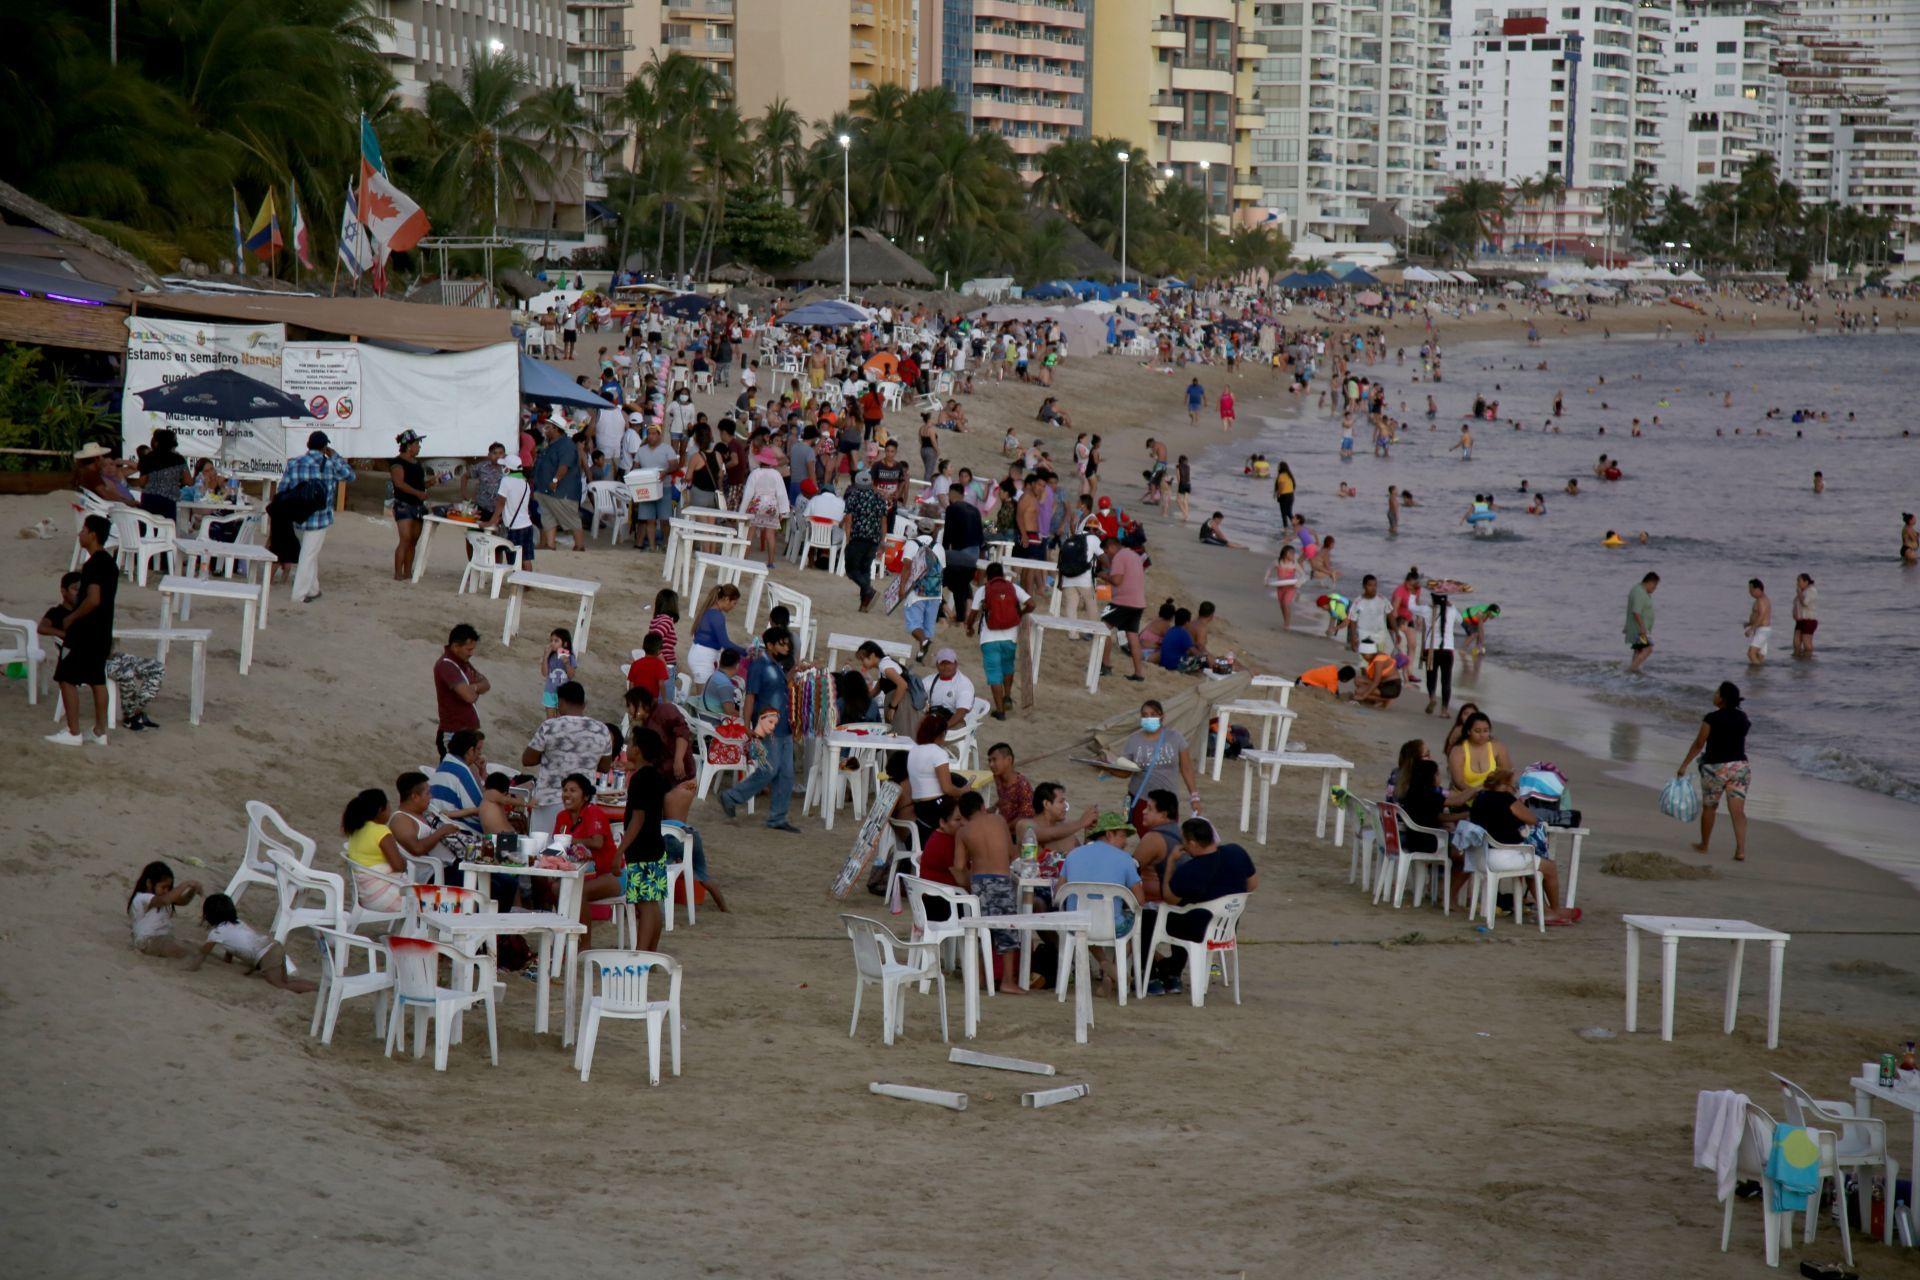 Ya, por favor: México espera tercera ola de COVID-19 por Semana Santa